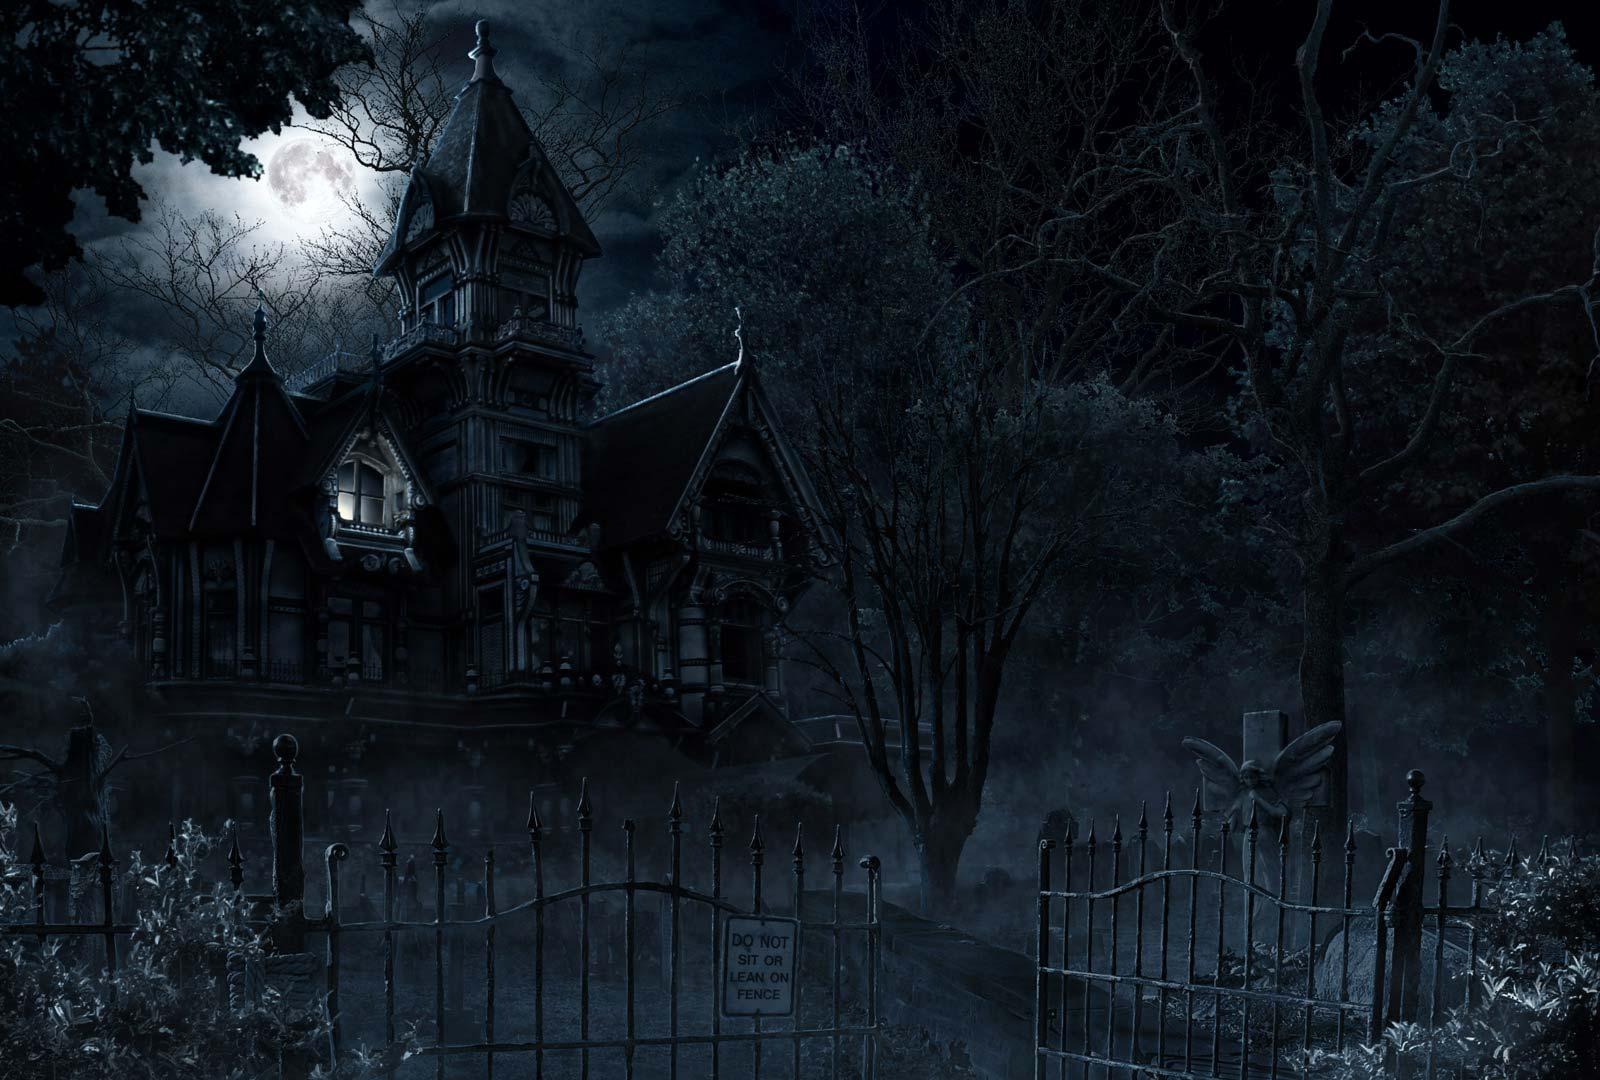 Hình nền Halloween đáng sợ